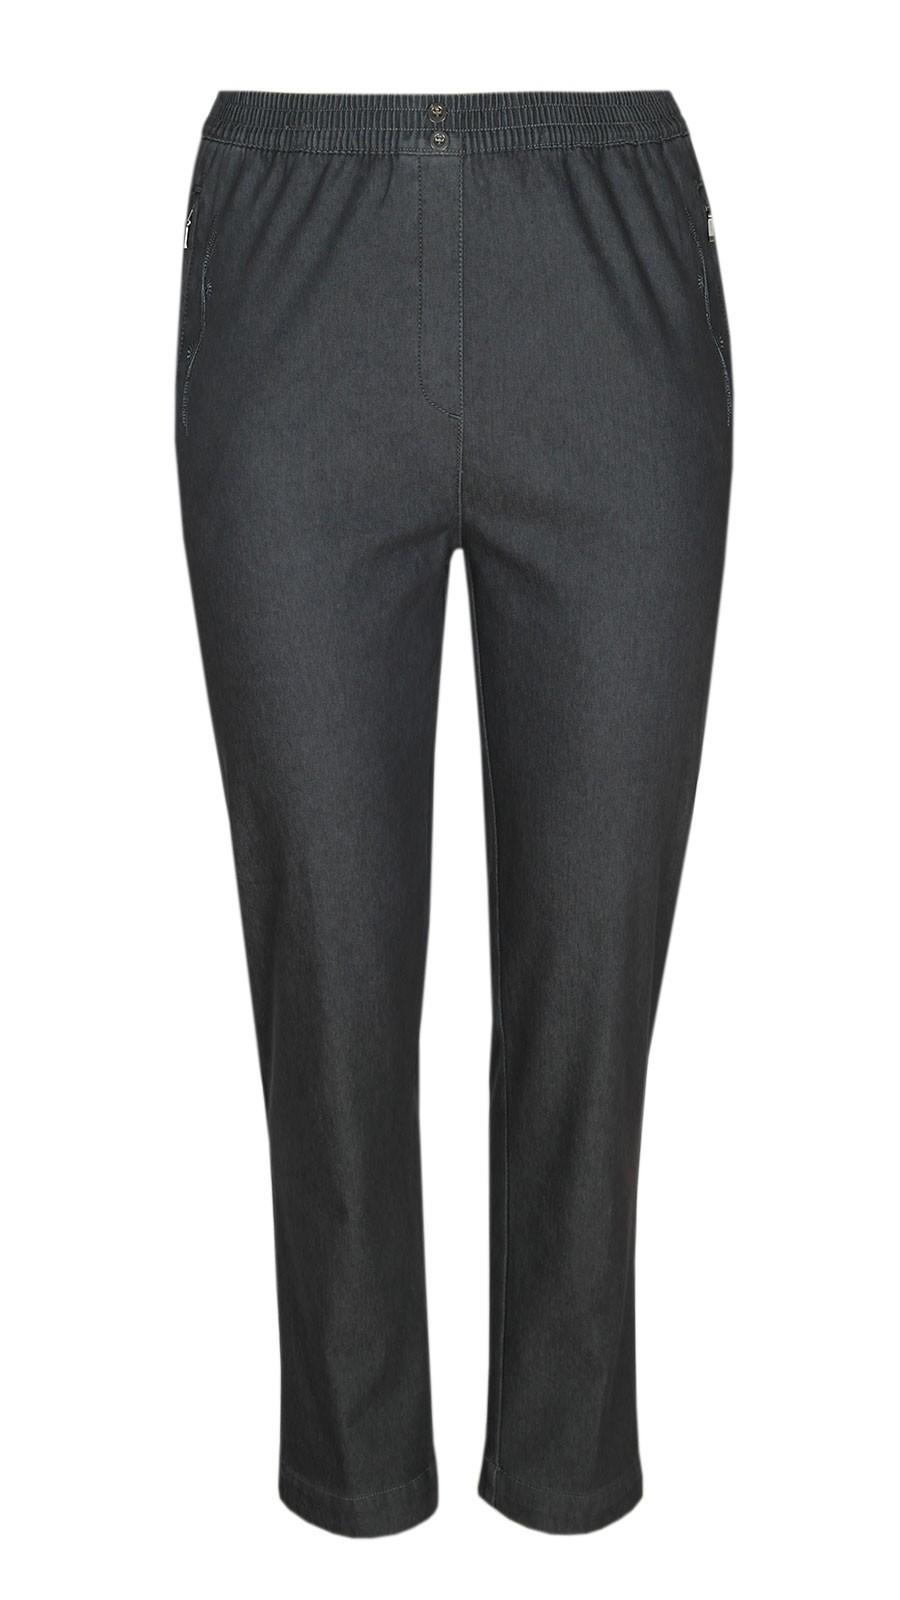 Damen Thermo Stretch Schlupfjeans Schlupfhose gefütterte Winter-Jeans - Grau